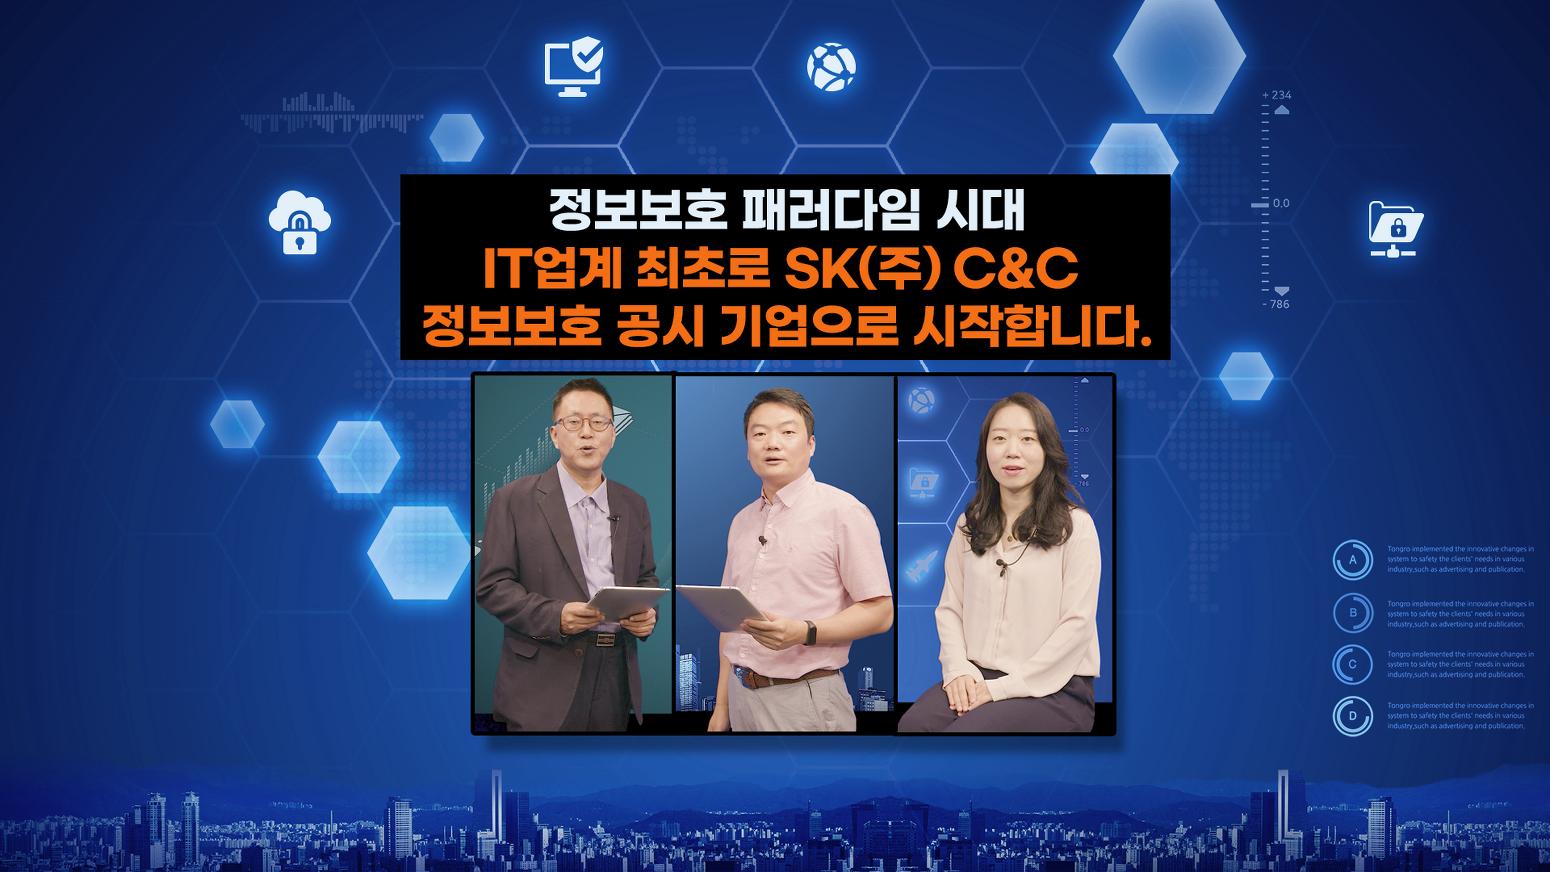 정보보호 패러다임 시대 IT업계 최초로 SK(주)..